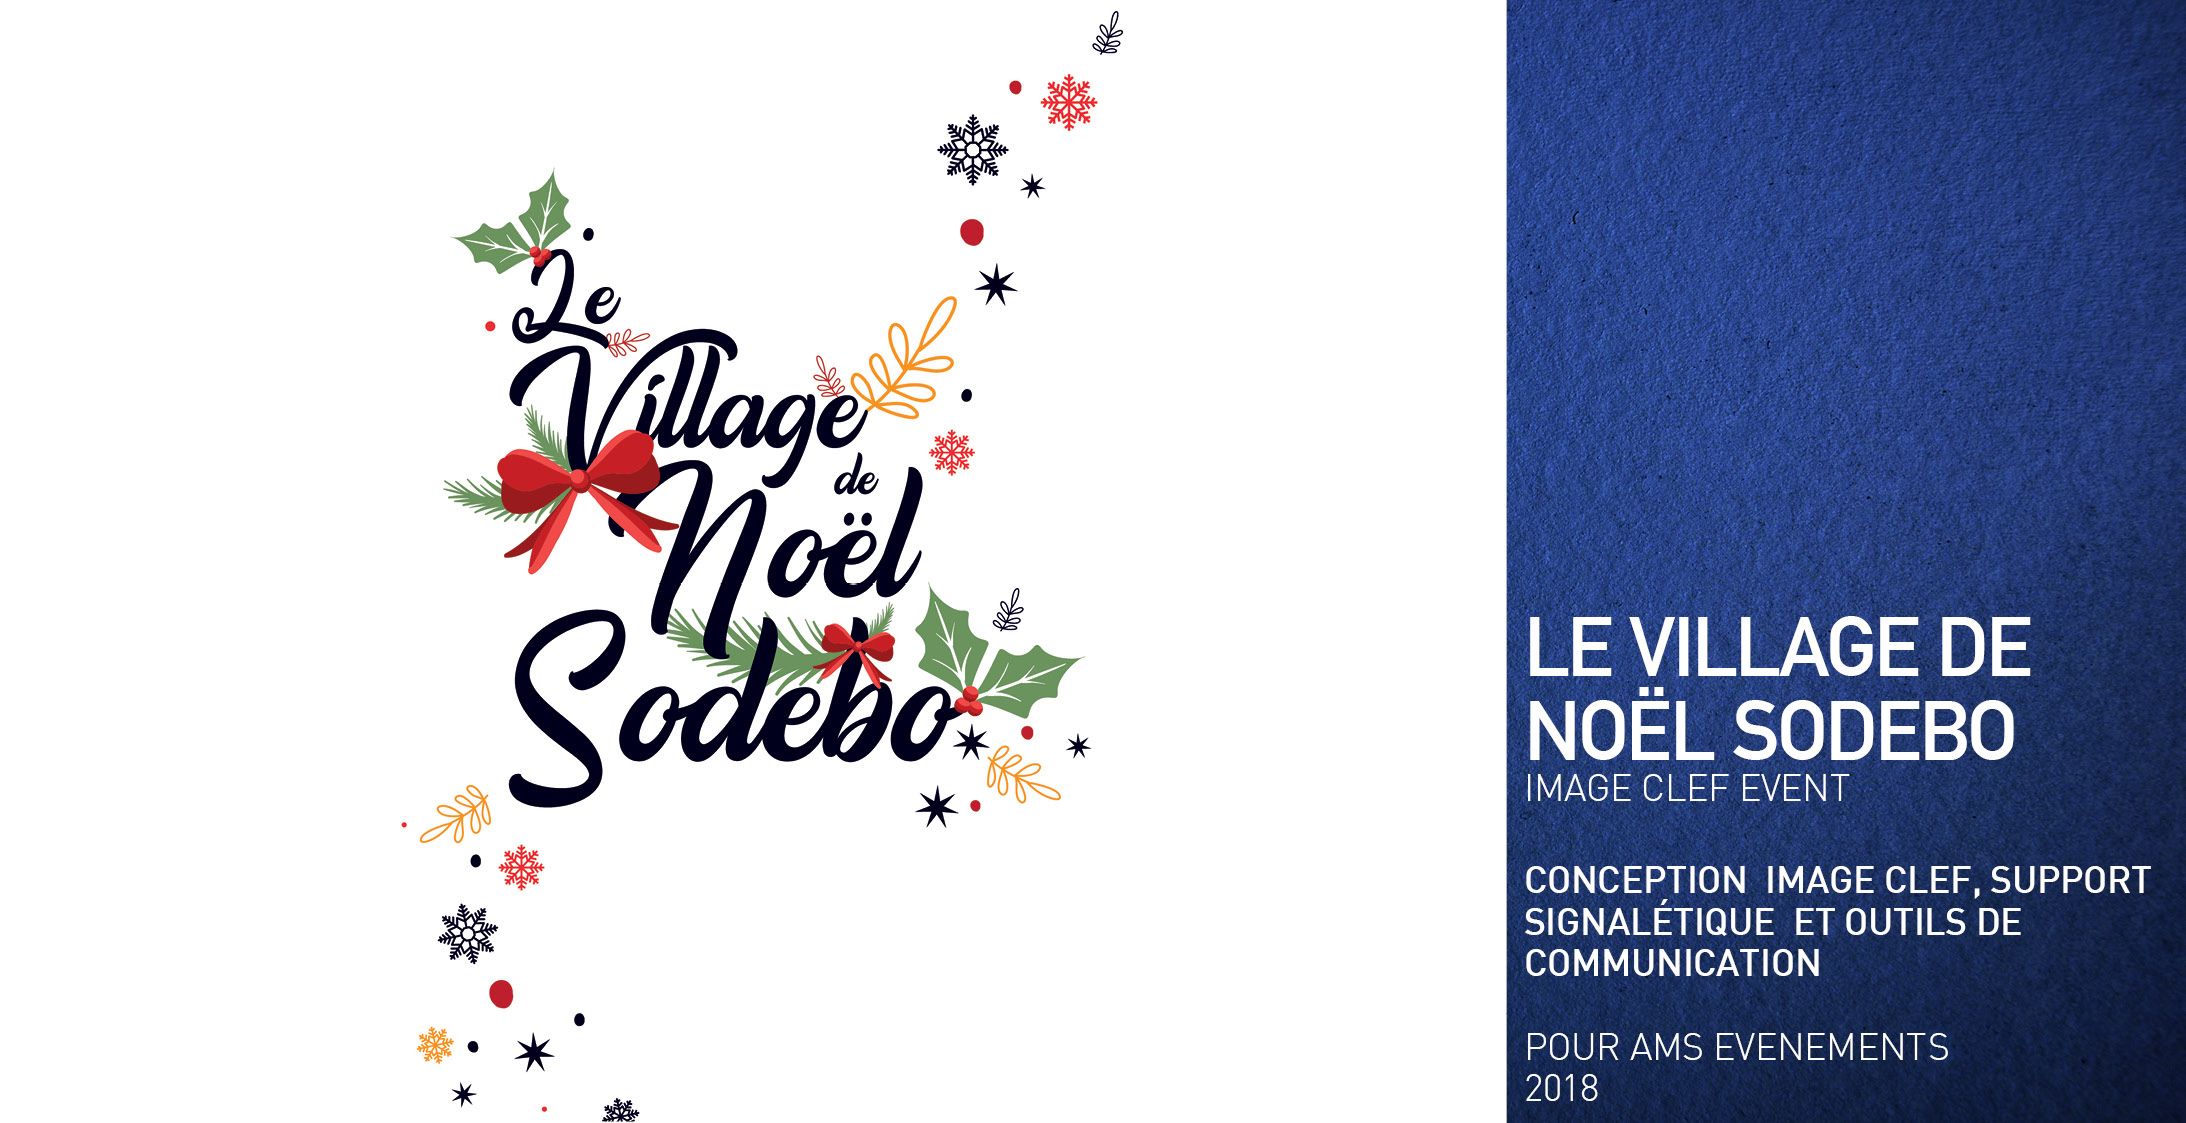 LE VILLAGE DE NOEL SODEBO - 2018